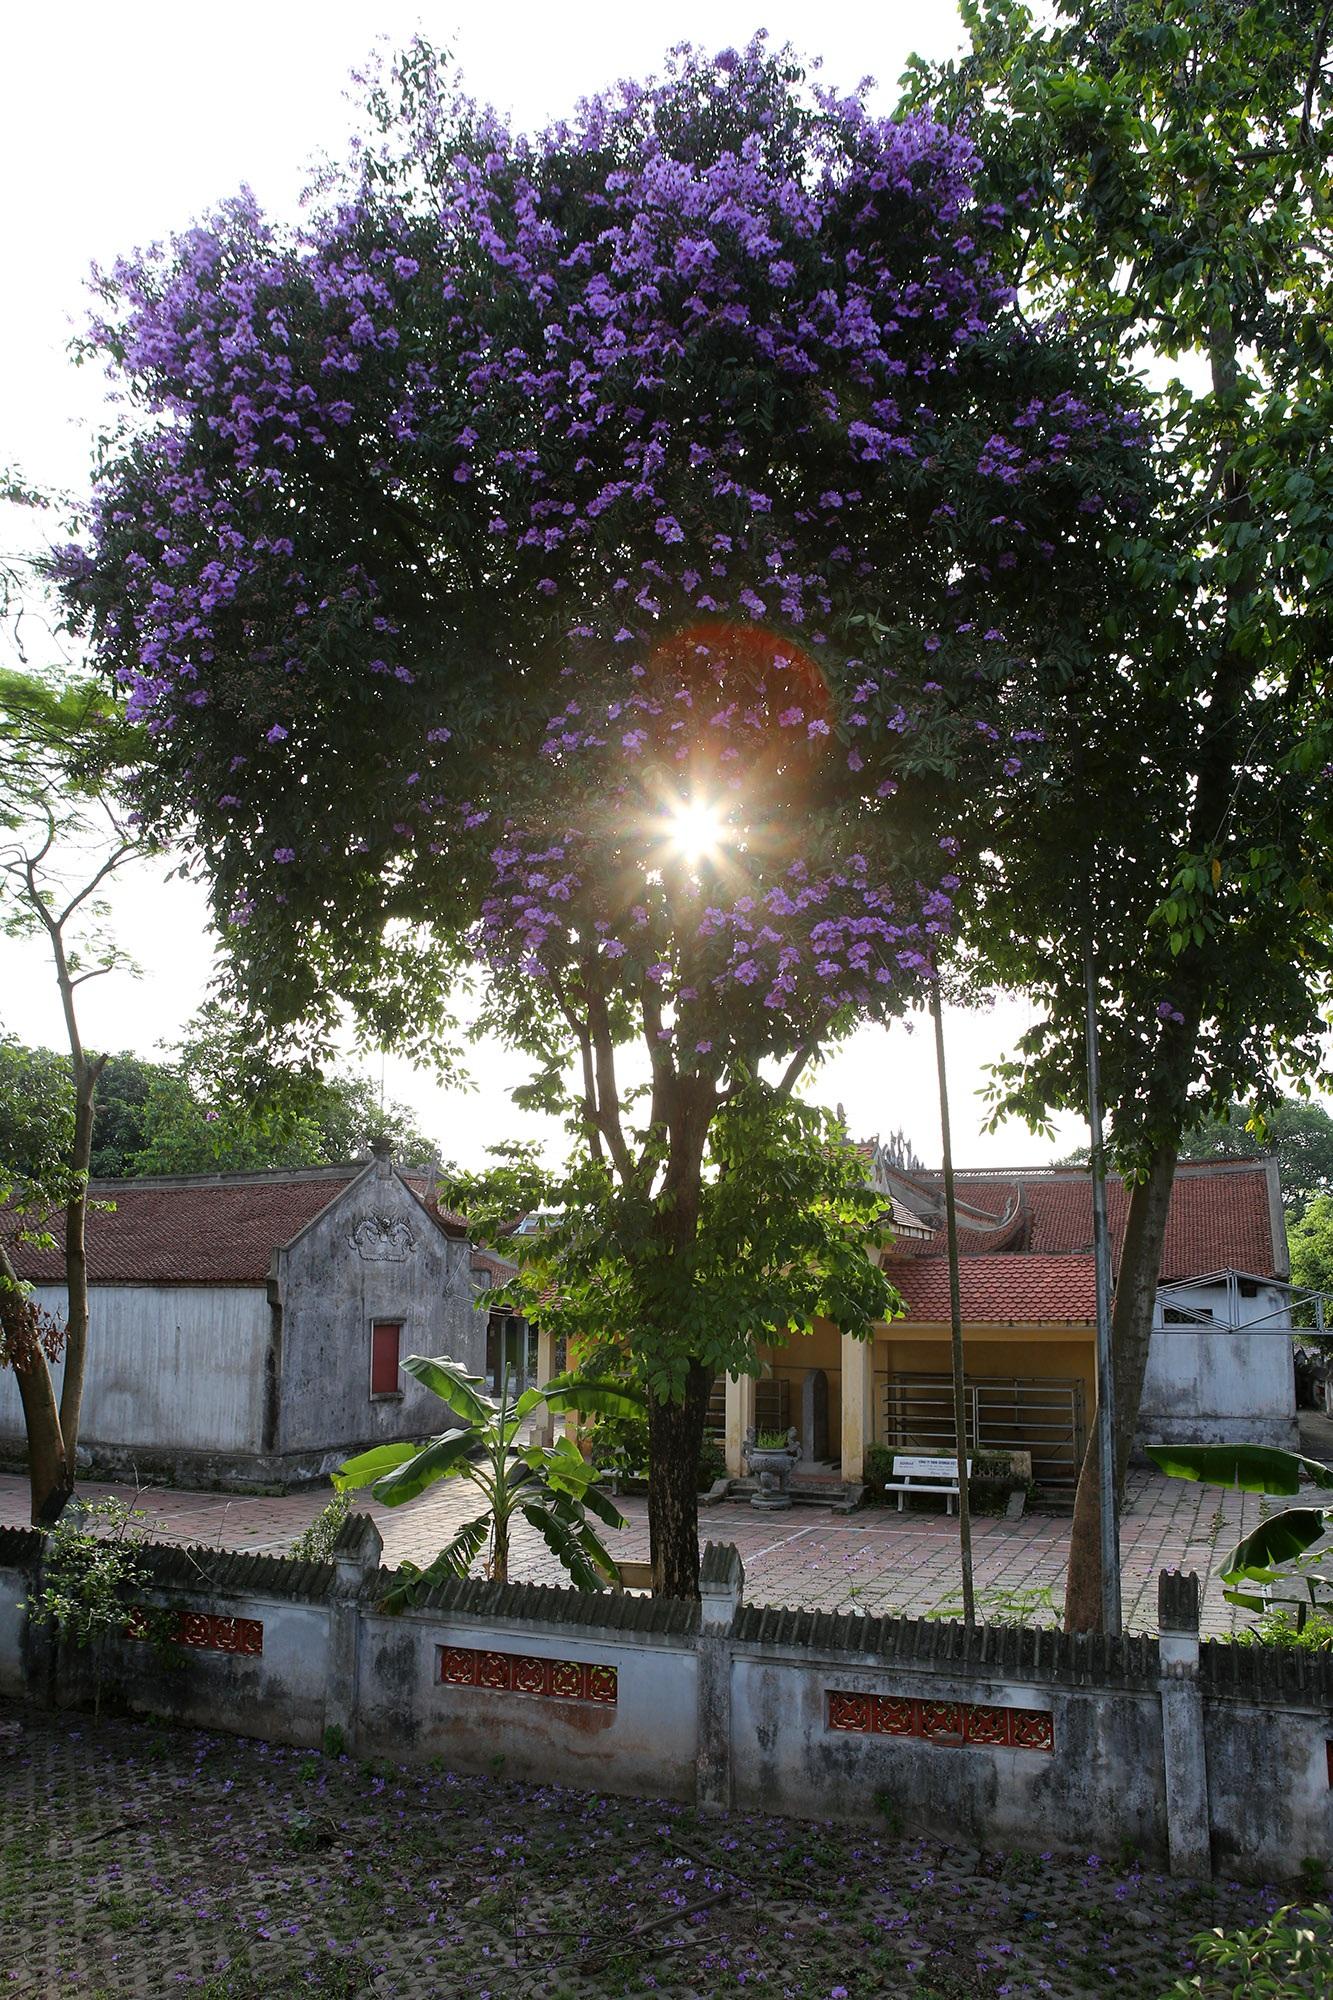 Ngắm hoa bằng lăng nở tím trời Hà Nội - 11